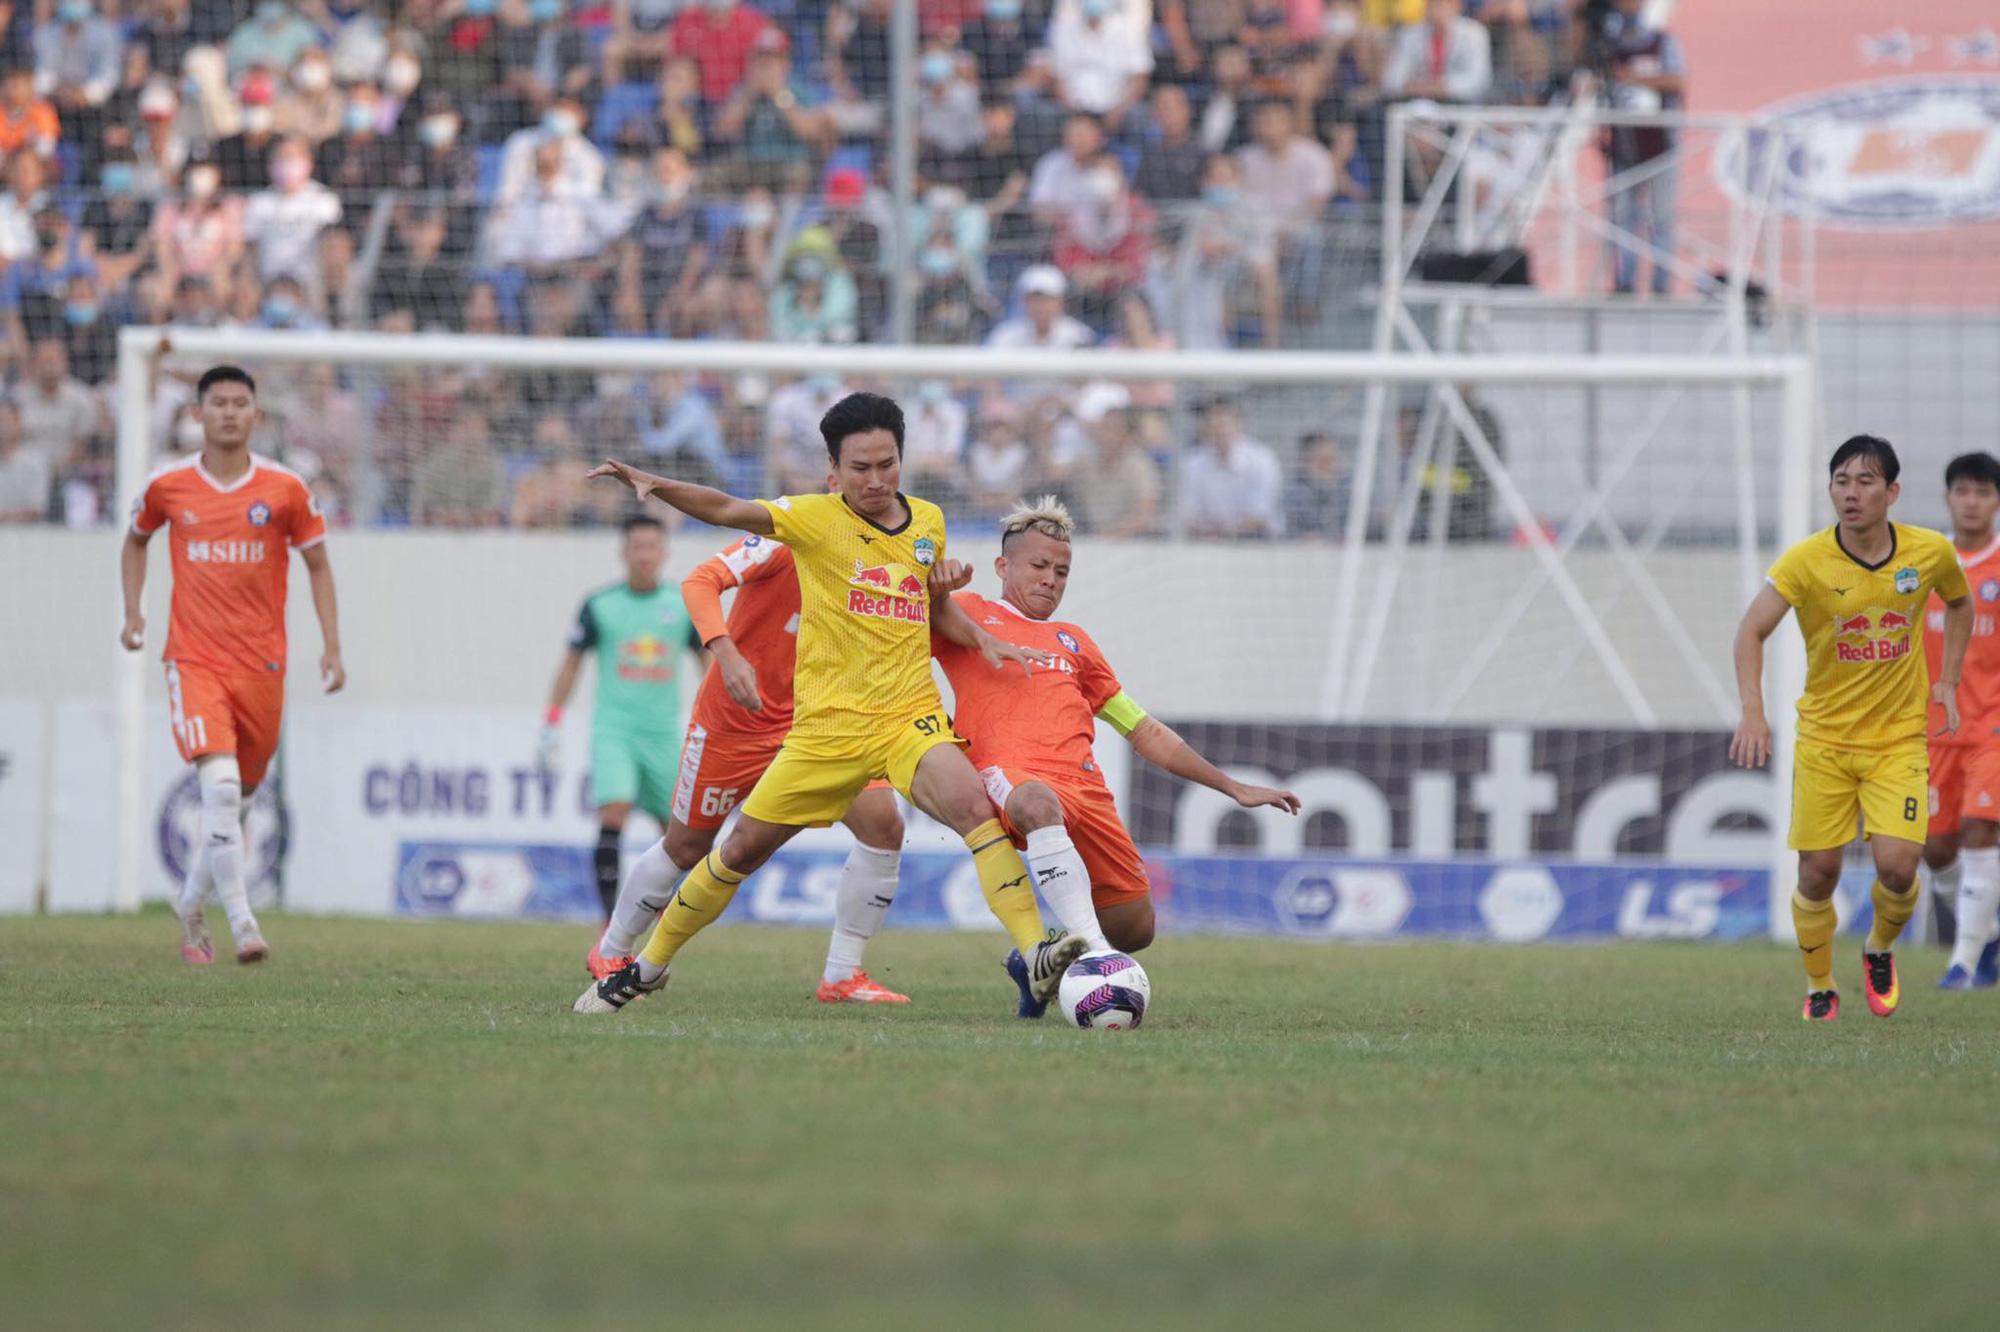 Công Phượng, Văn Toàn tỏa sáng, HAGL chễm chệ trên đỉnh V.League - Ảnh 1.